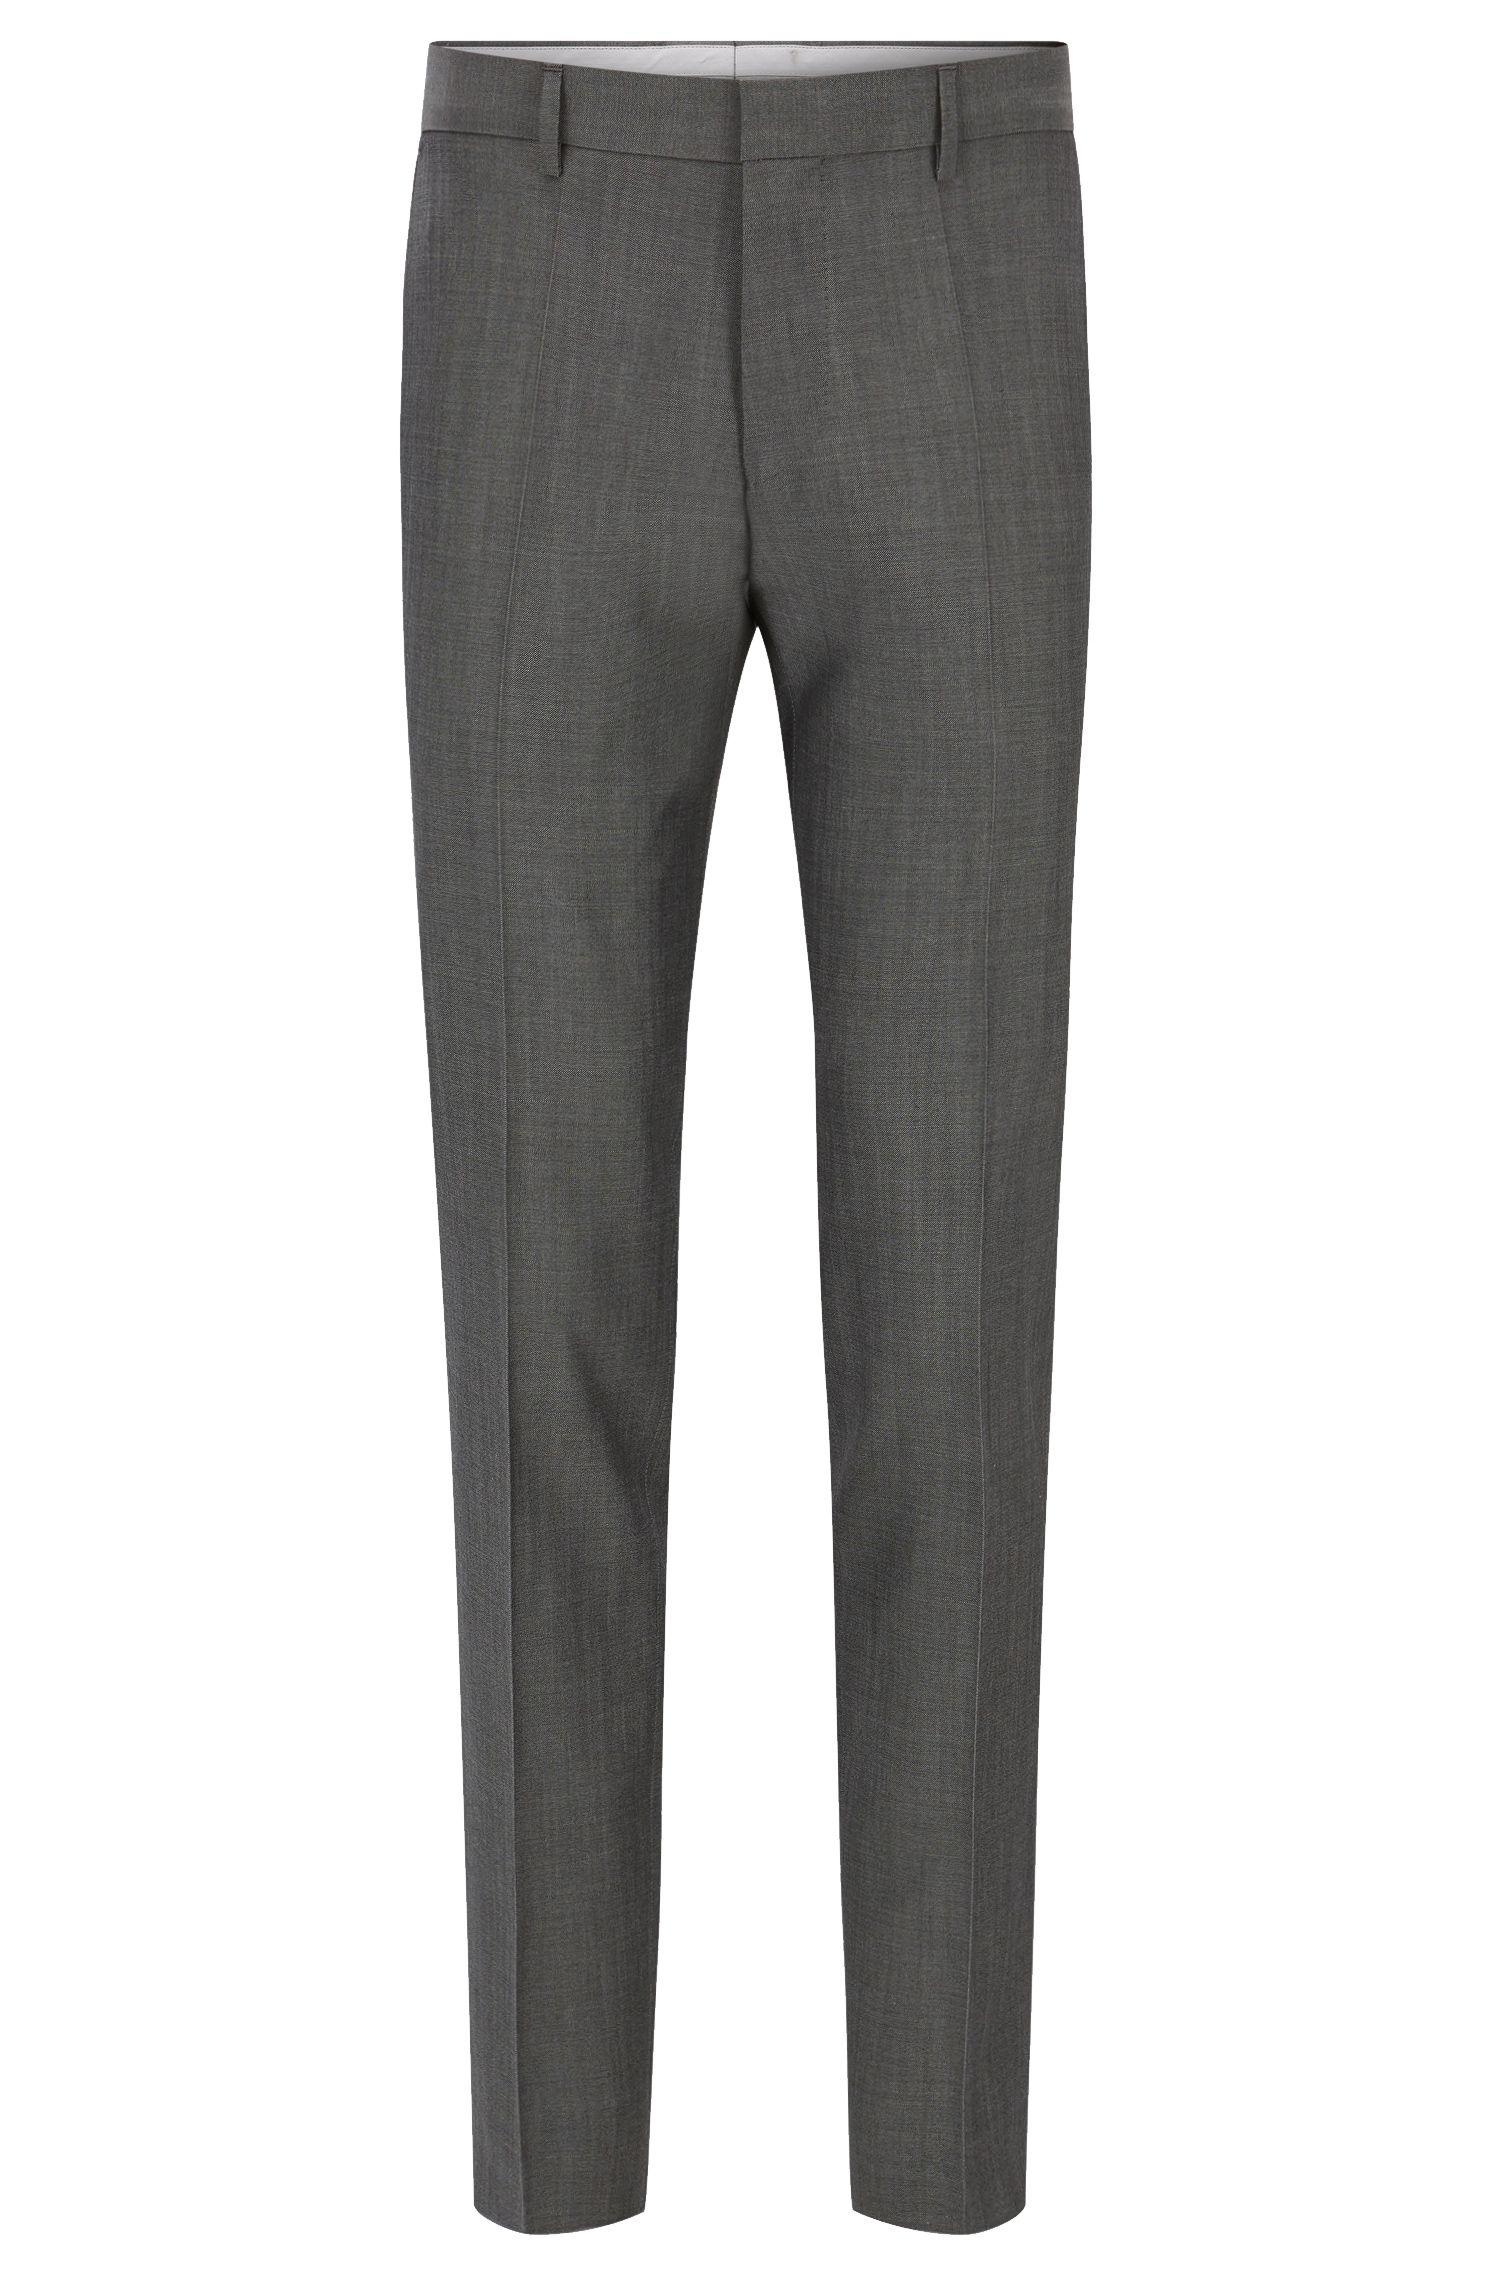 Pantaloni slim fit in lana vergine con dettaglio a contrasto